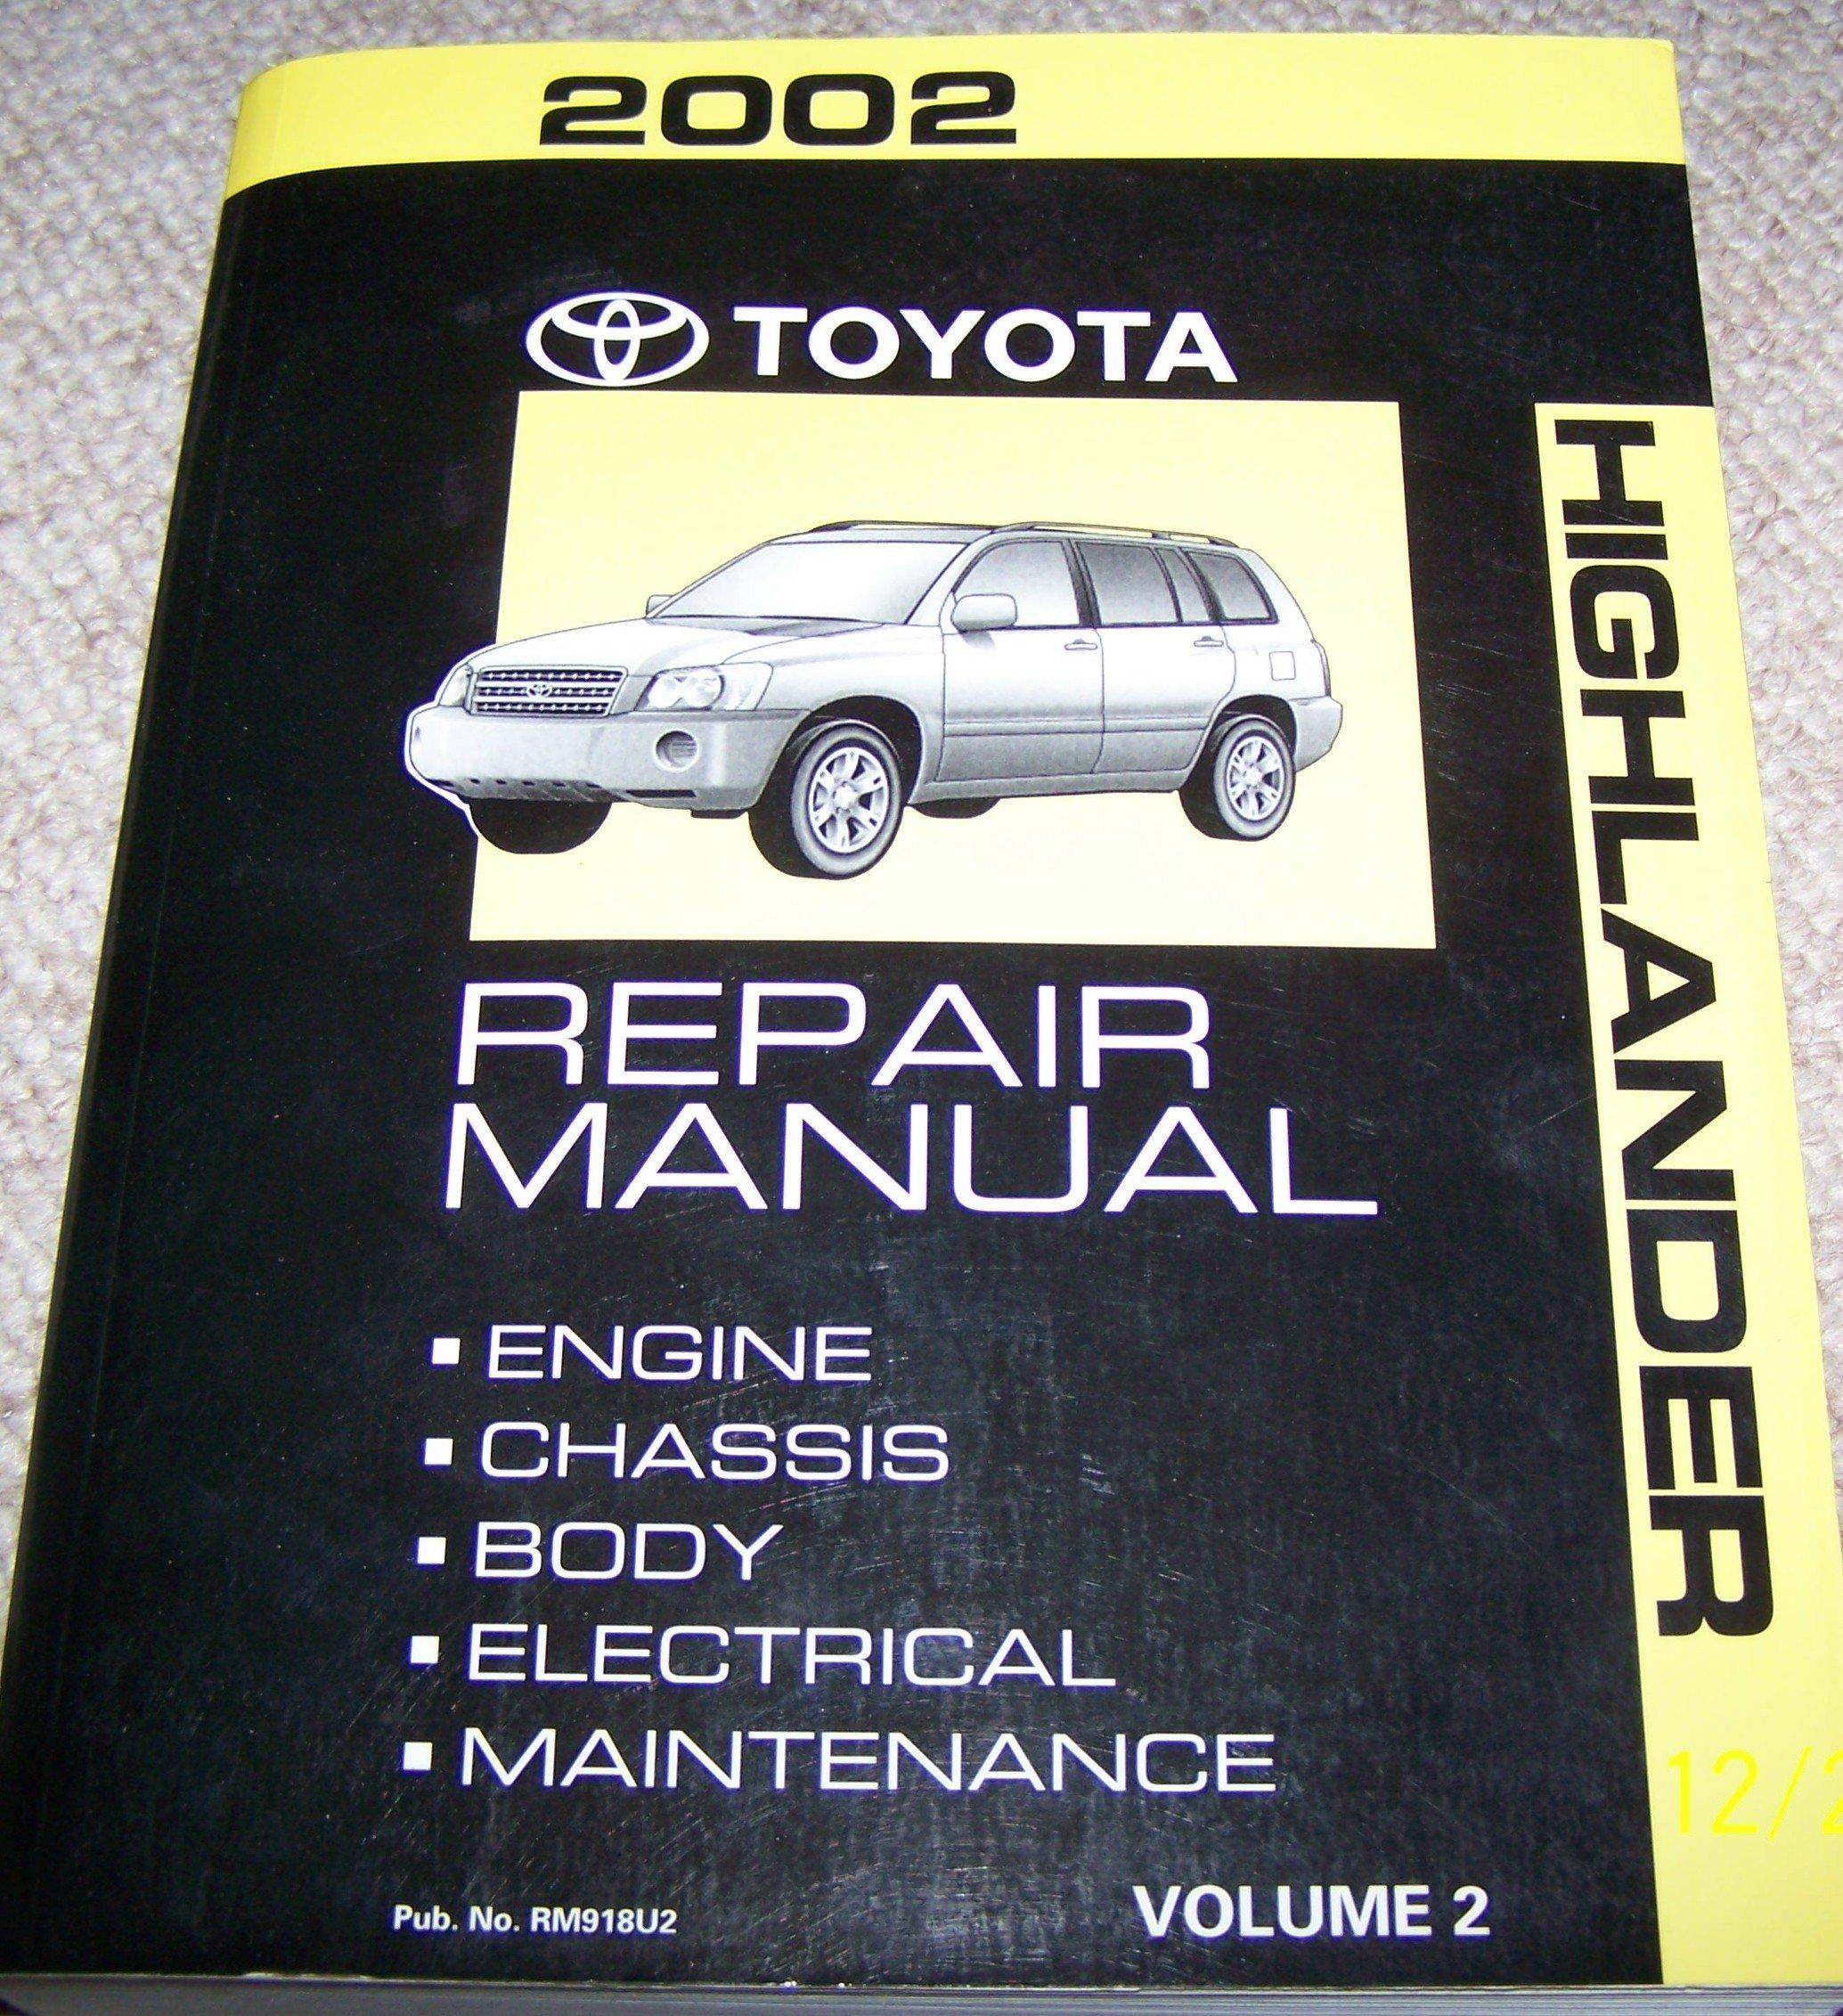 2002 toyota highlander repair manual volume 1 toyota motor corp rh amazon com 2004 highlander manual 2004 highlander manual